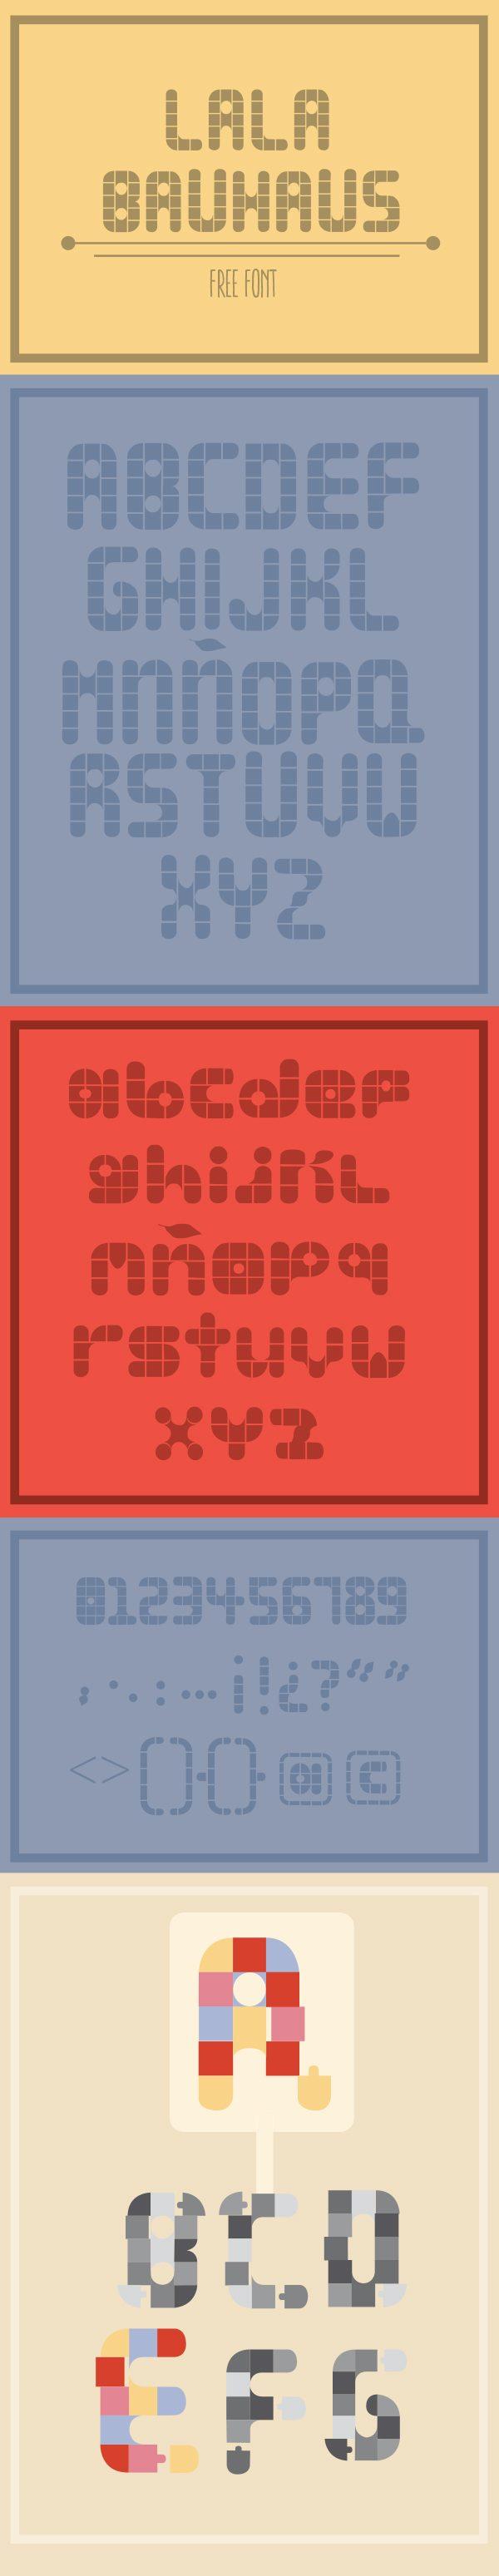 lala bauhaus font